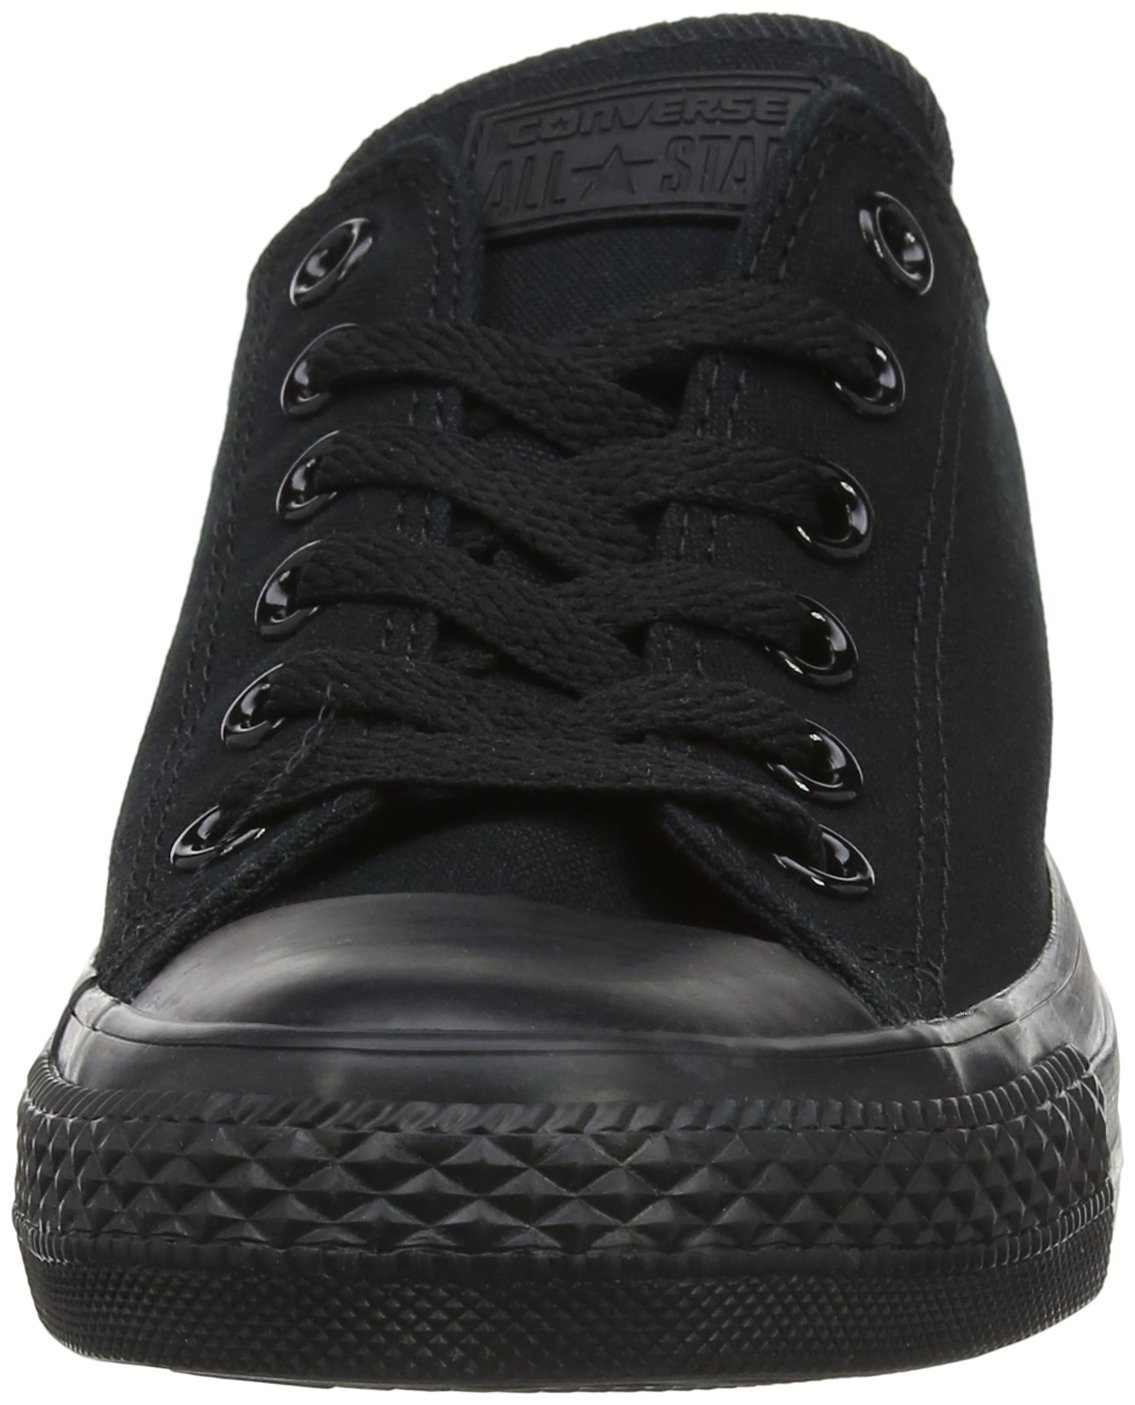 Converse Chuck Taylor All Star Seasonal, Zapatillas de Estar por Casa para Hombre 45 EU|Black Monochrome